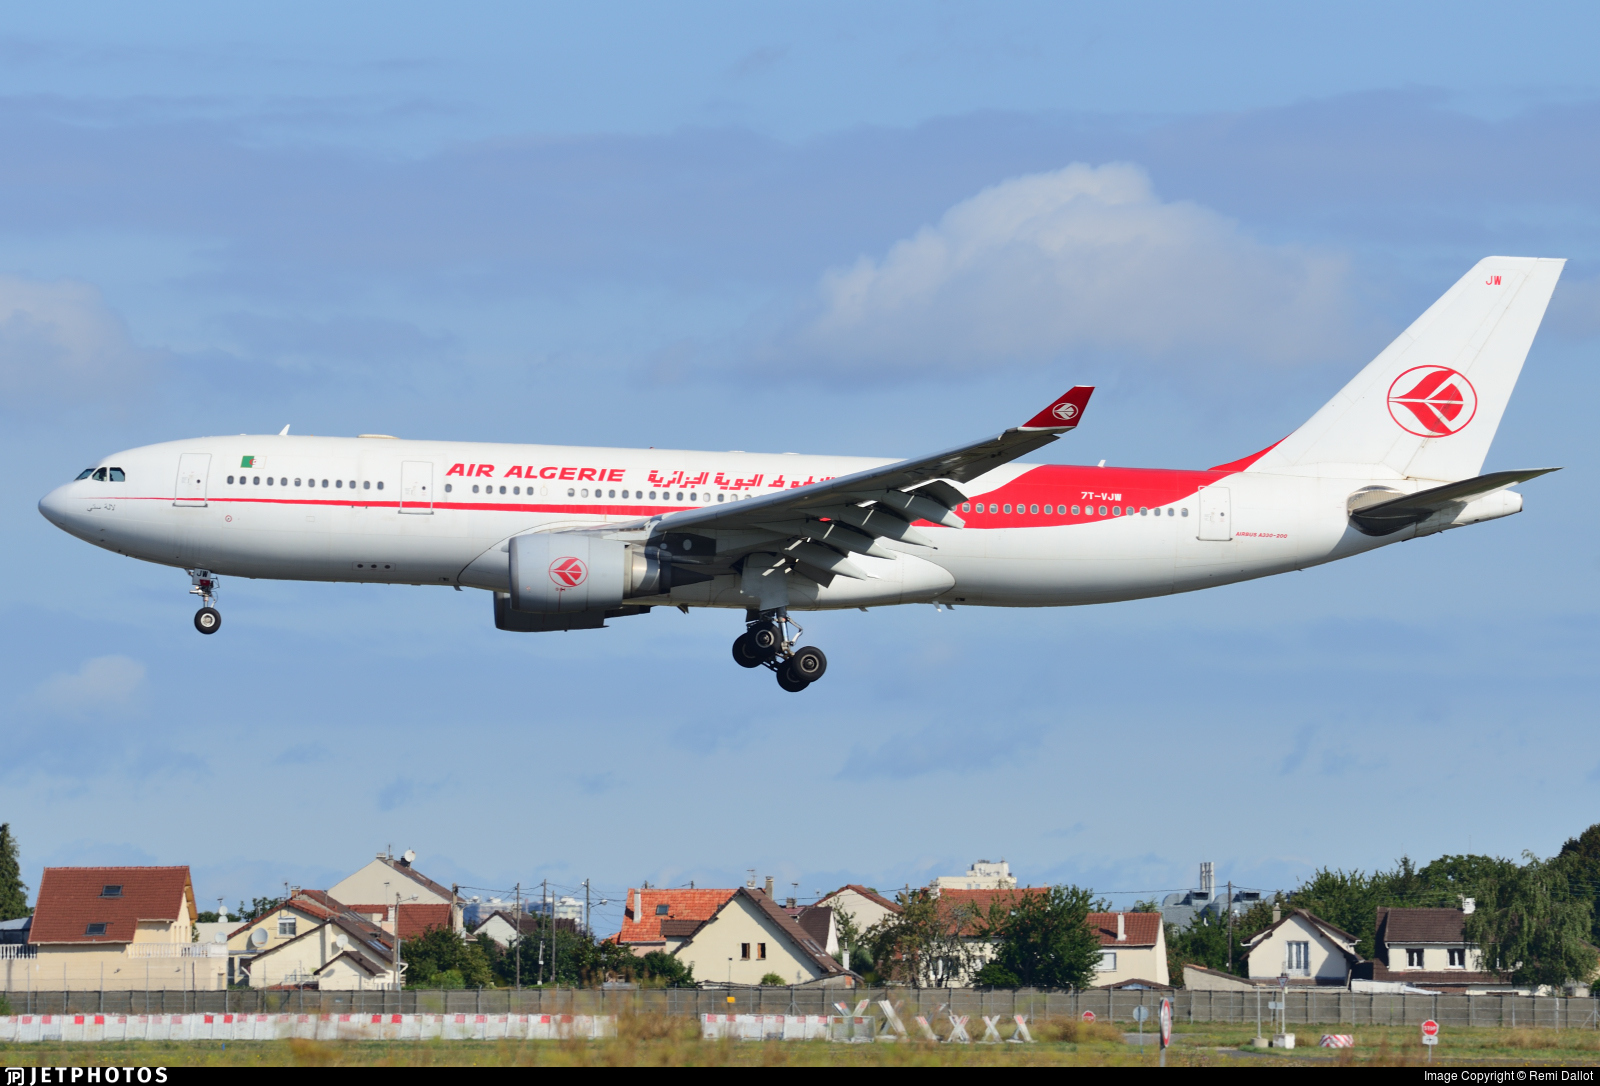 7T-VJW - Airbus A330-202 - Air Algérie